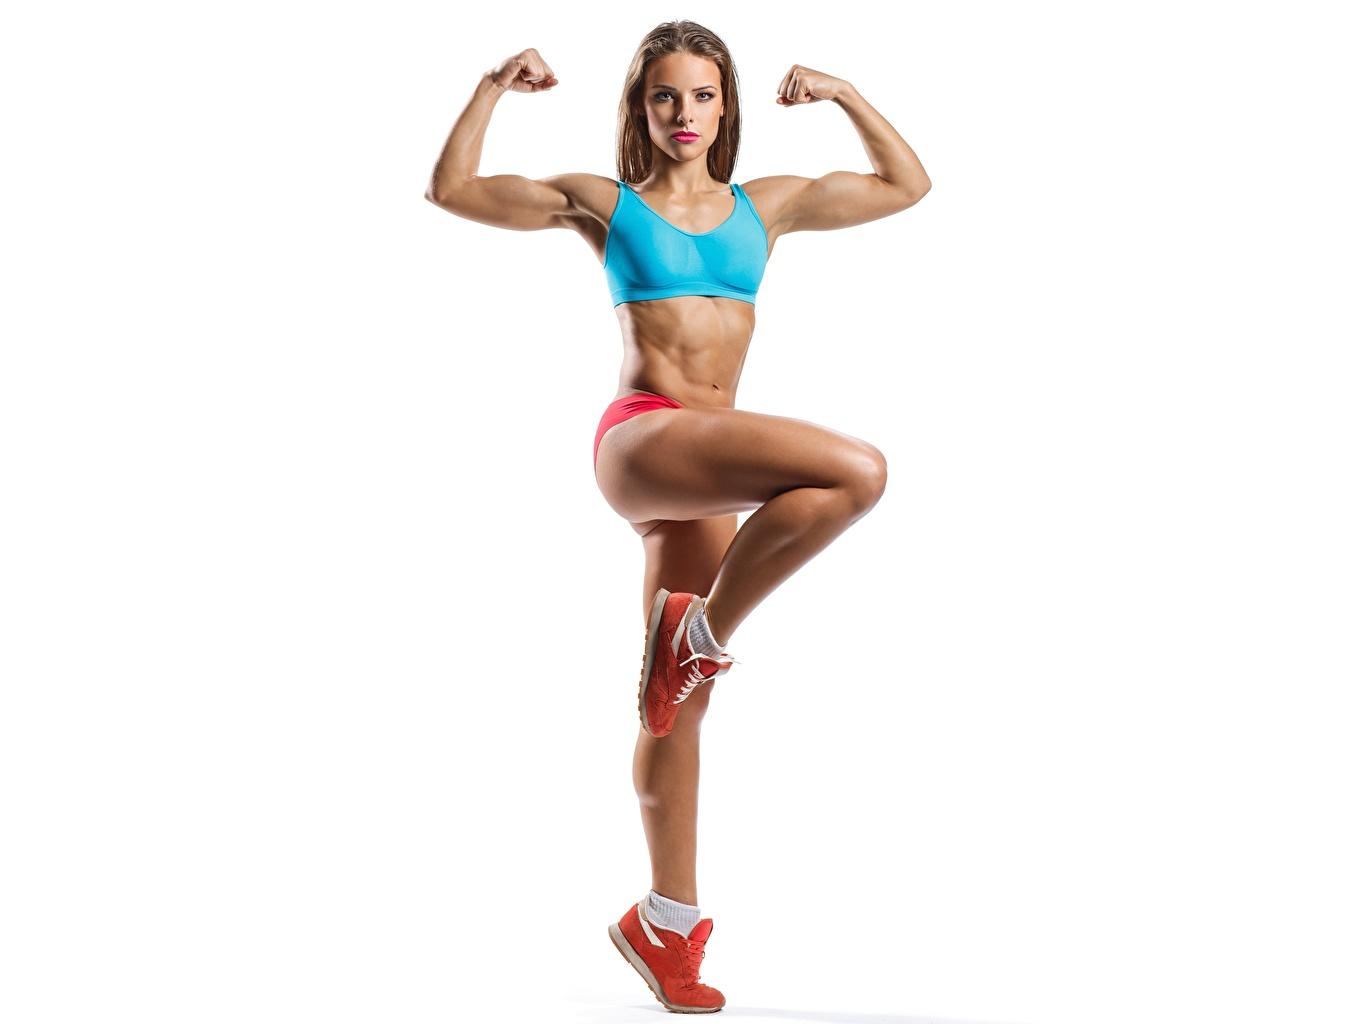 Фотография позирует Фитнес Спорт Девушки Ноги Руки смотрит Белый фон Поза девушка спортивные спортивный спортивная молодые женщины молодая женщина ног рука Взгляд смотрят белом фоне белым фоном